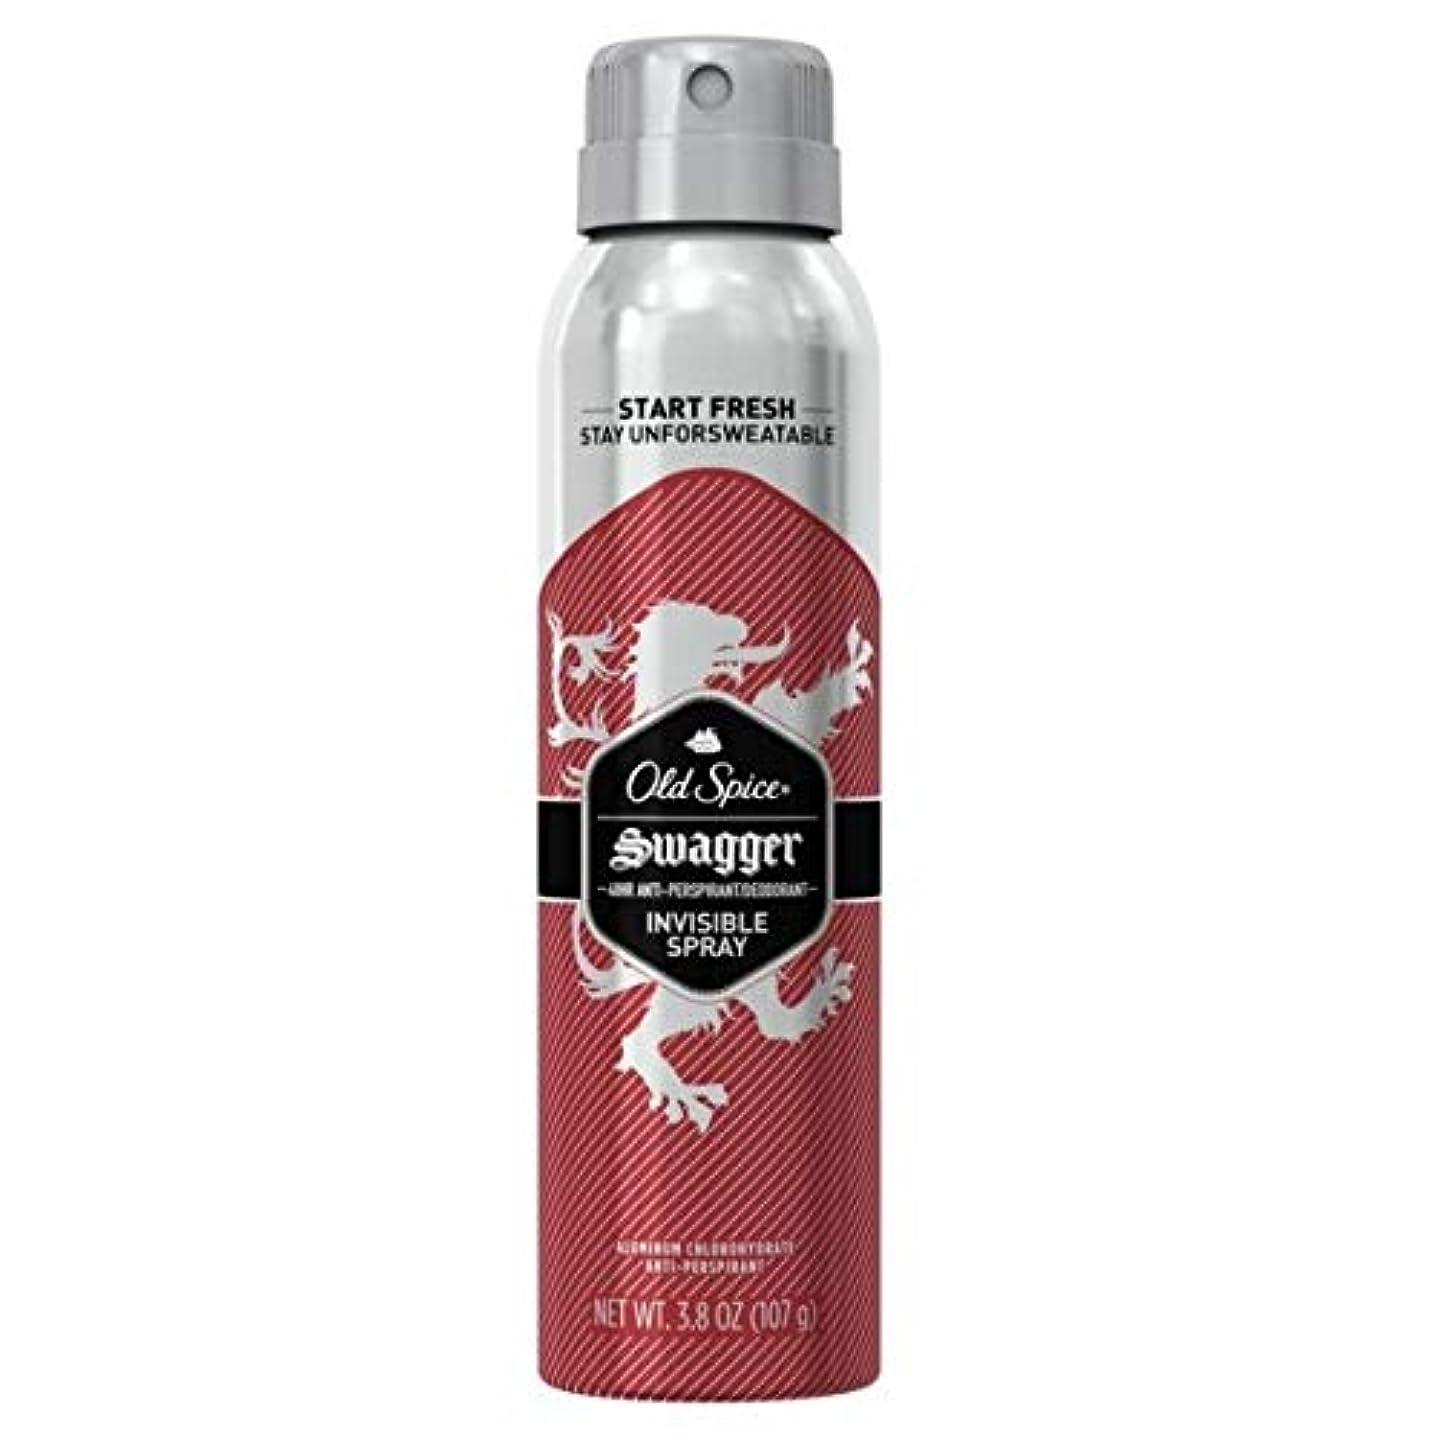 まあ確かにトンネルOld Spice Swagger Invisible Spray Antiperspirant and Deodorant - 3.8oz オールドスパイス インビジブルスプレー スワッガー 107g [並行輸入品]